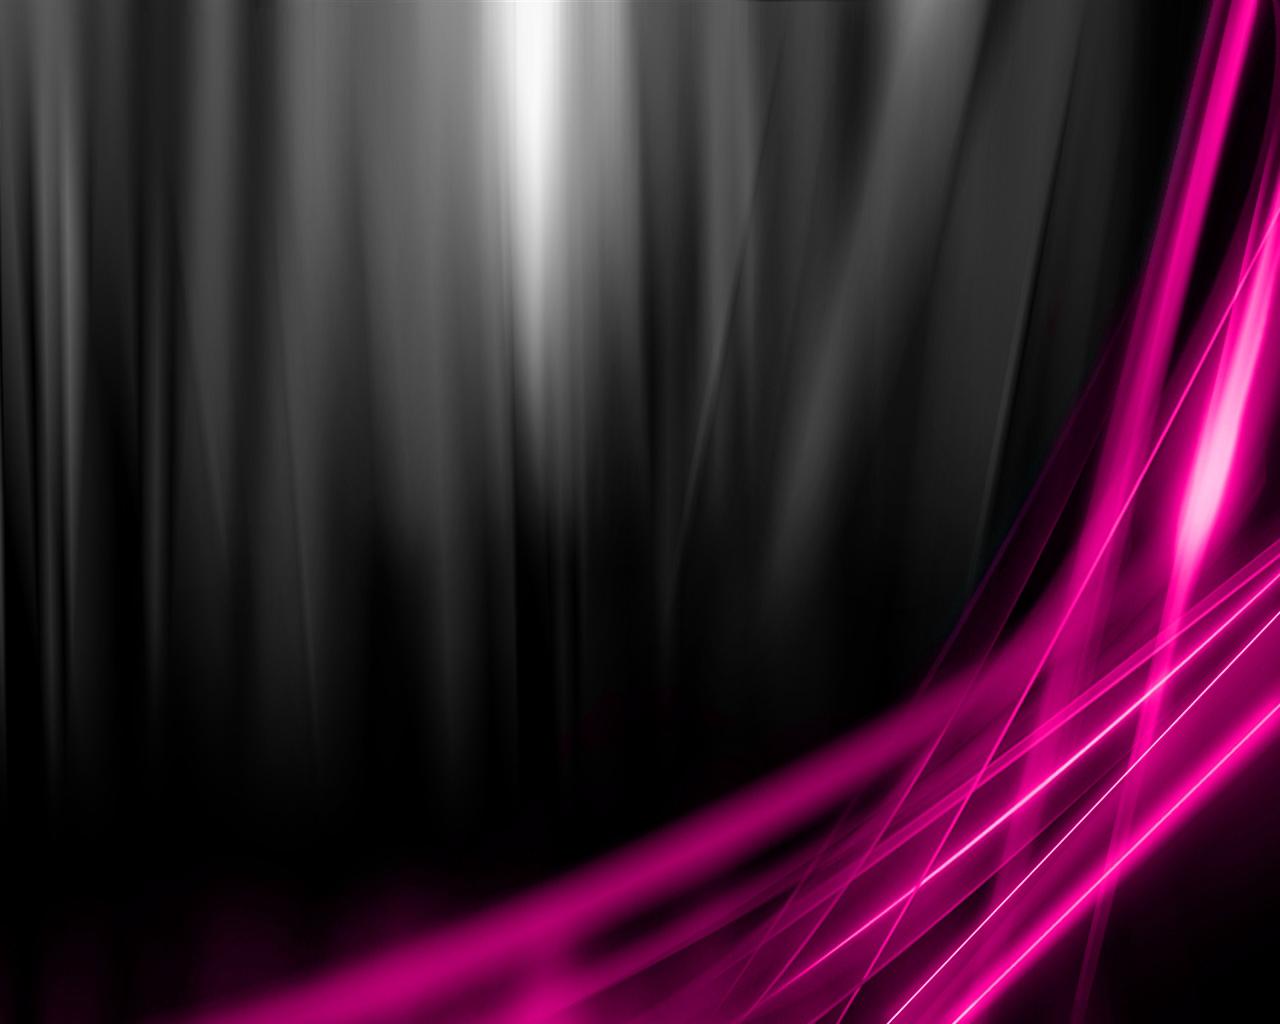 49 Black And Pink Desktop Wallpaper On Wallpapersafari